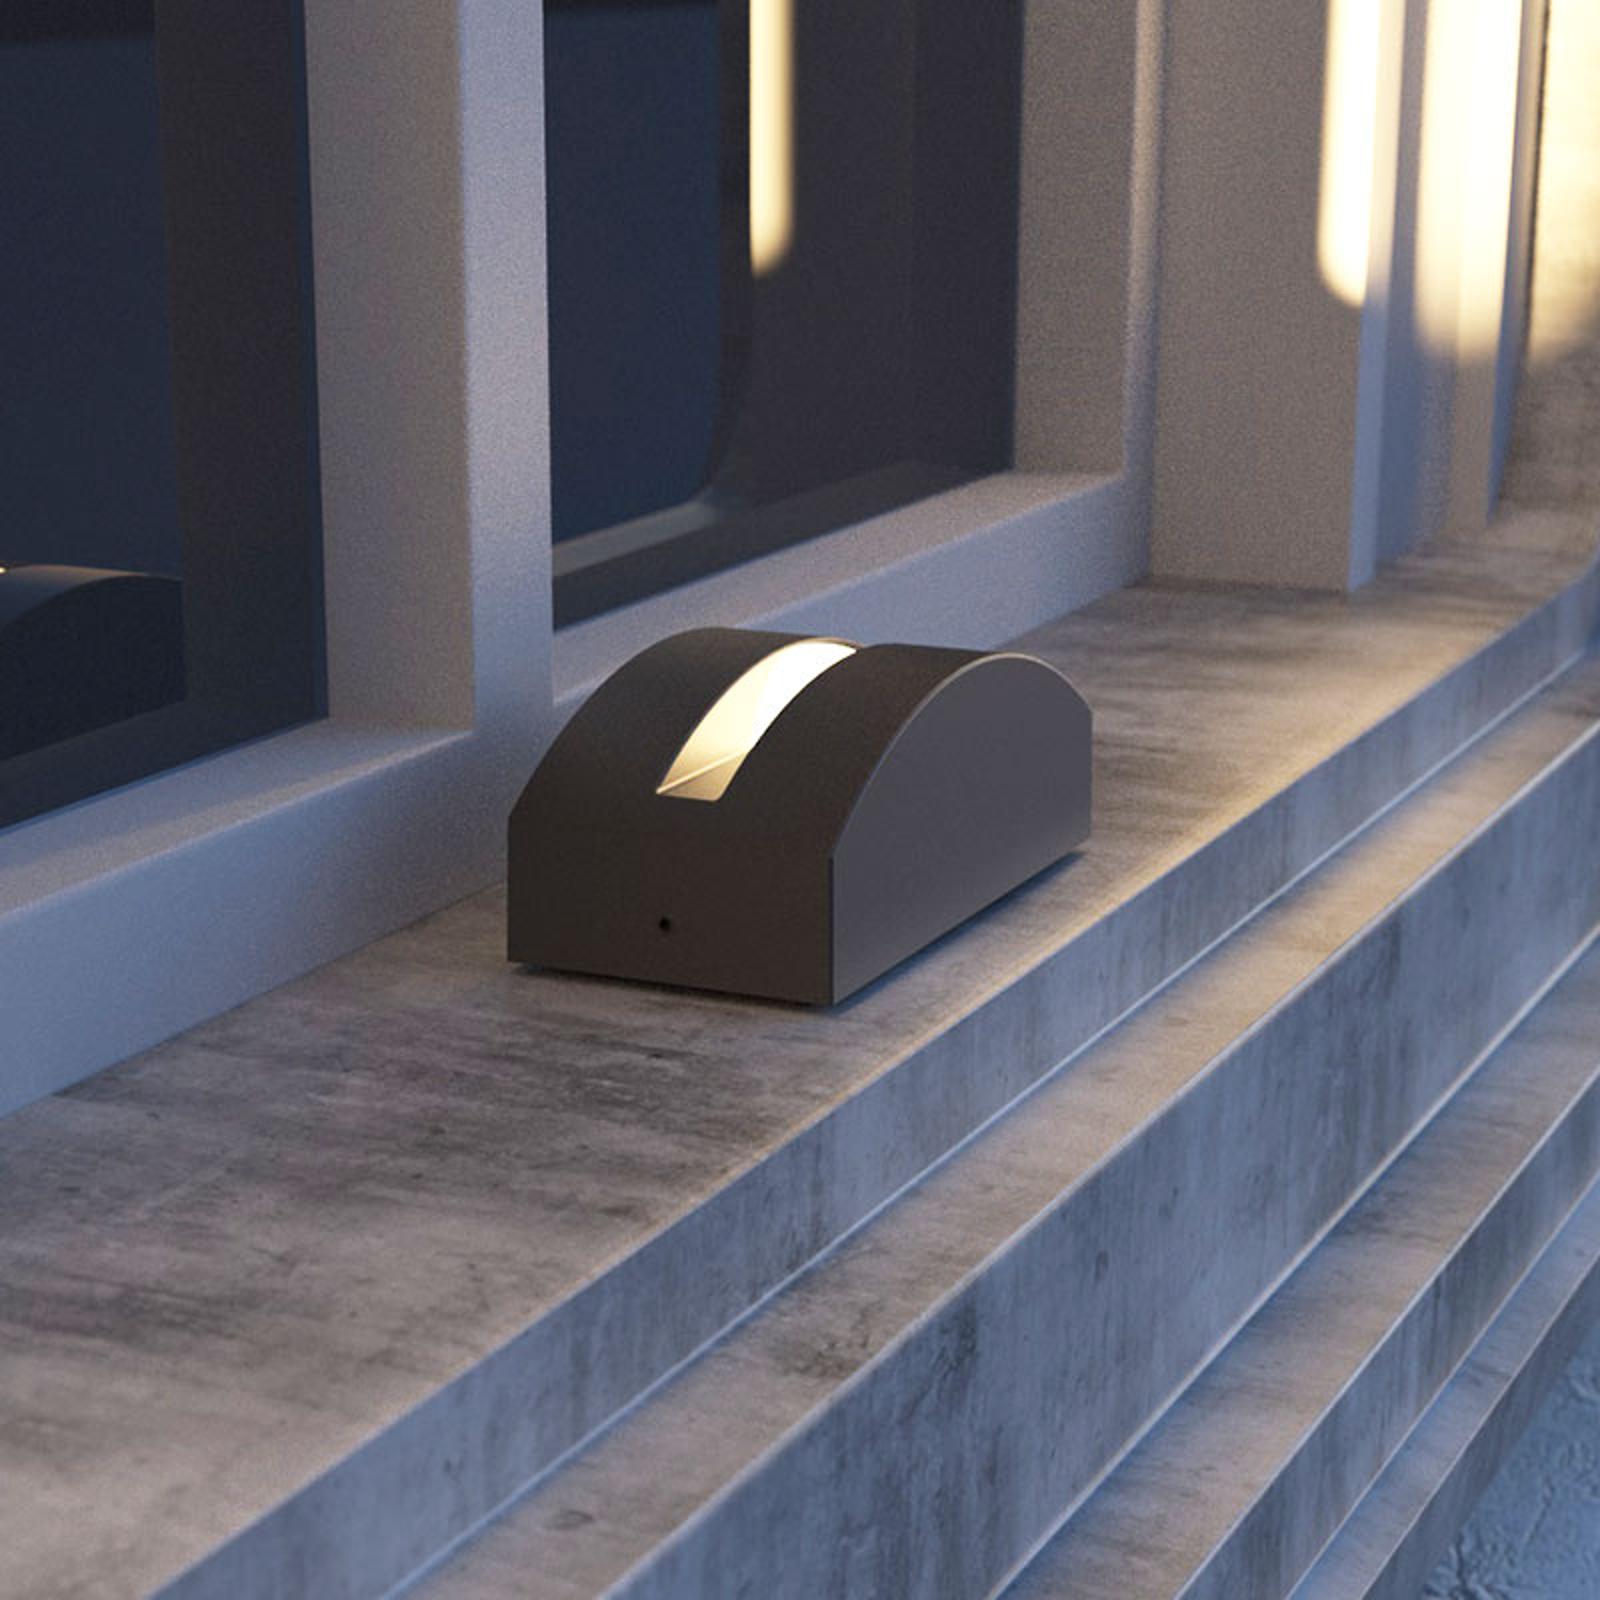 Marka LED outdoor light, dark grey aluminium_9616141_1